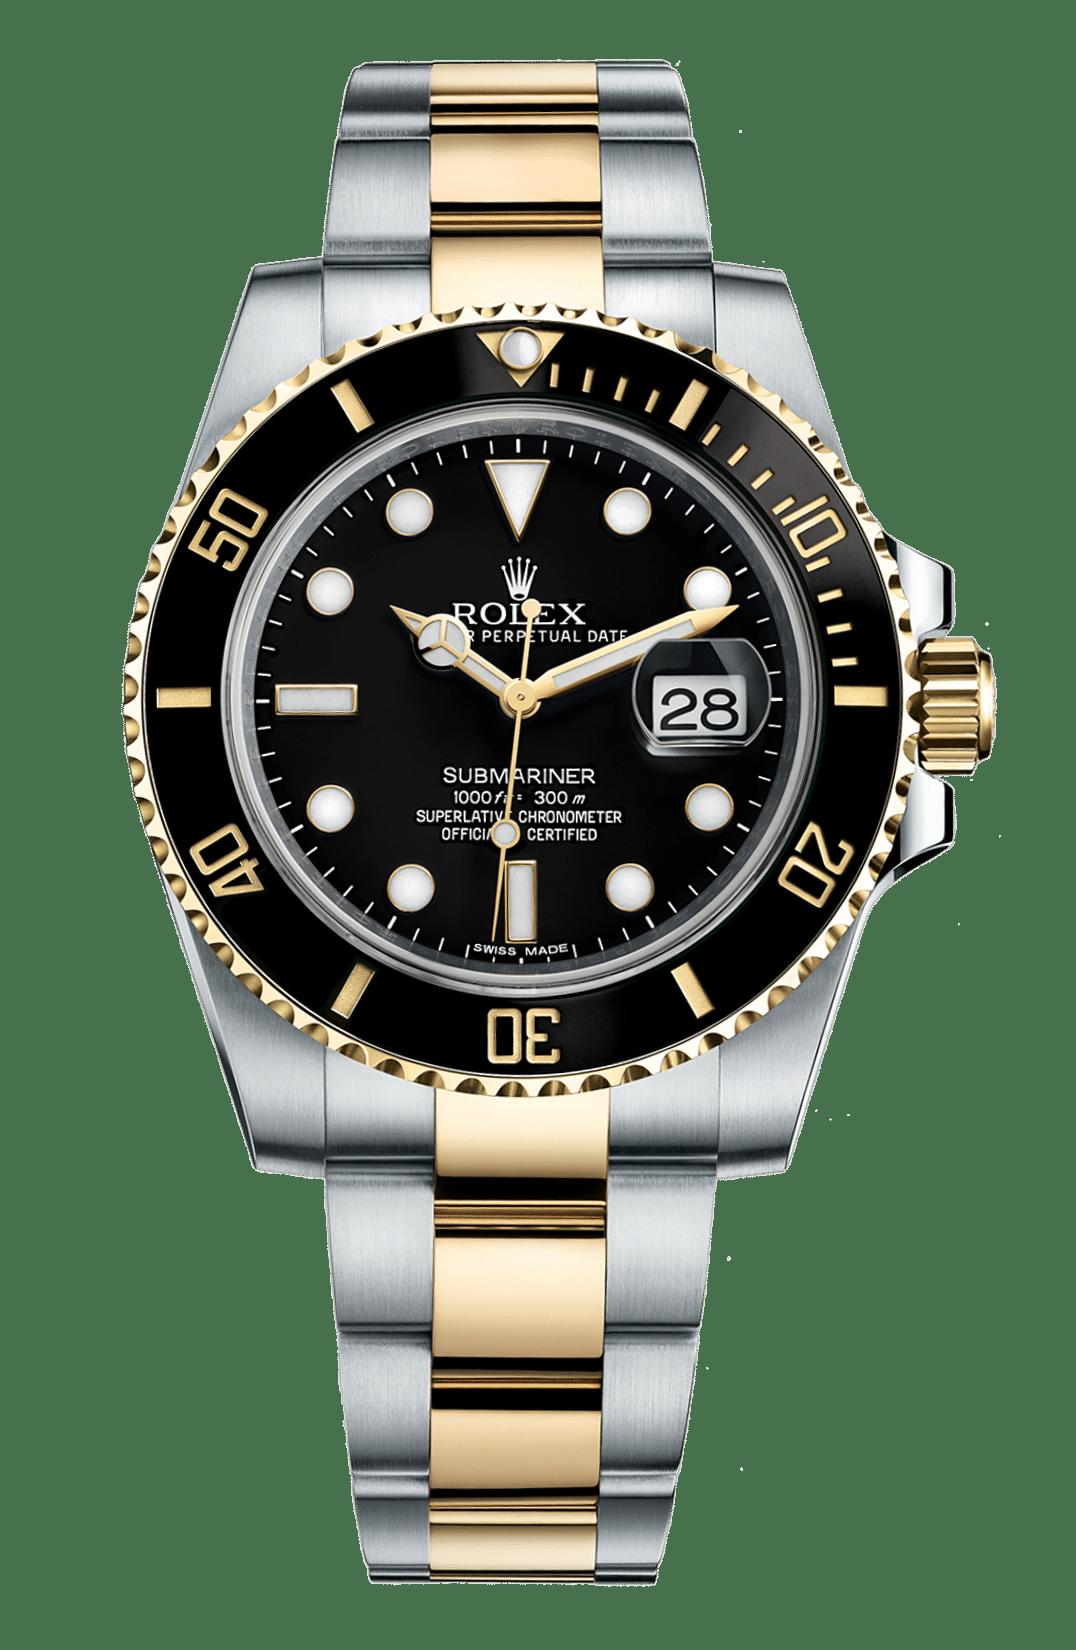 Rolex 116613ln-0001 Submariner Date 40 mm